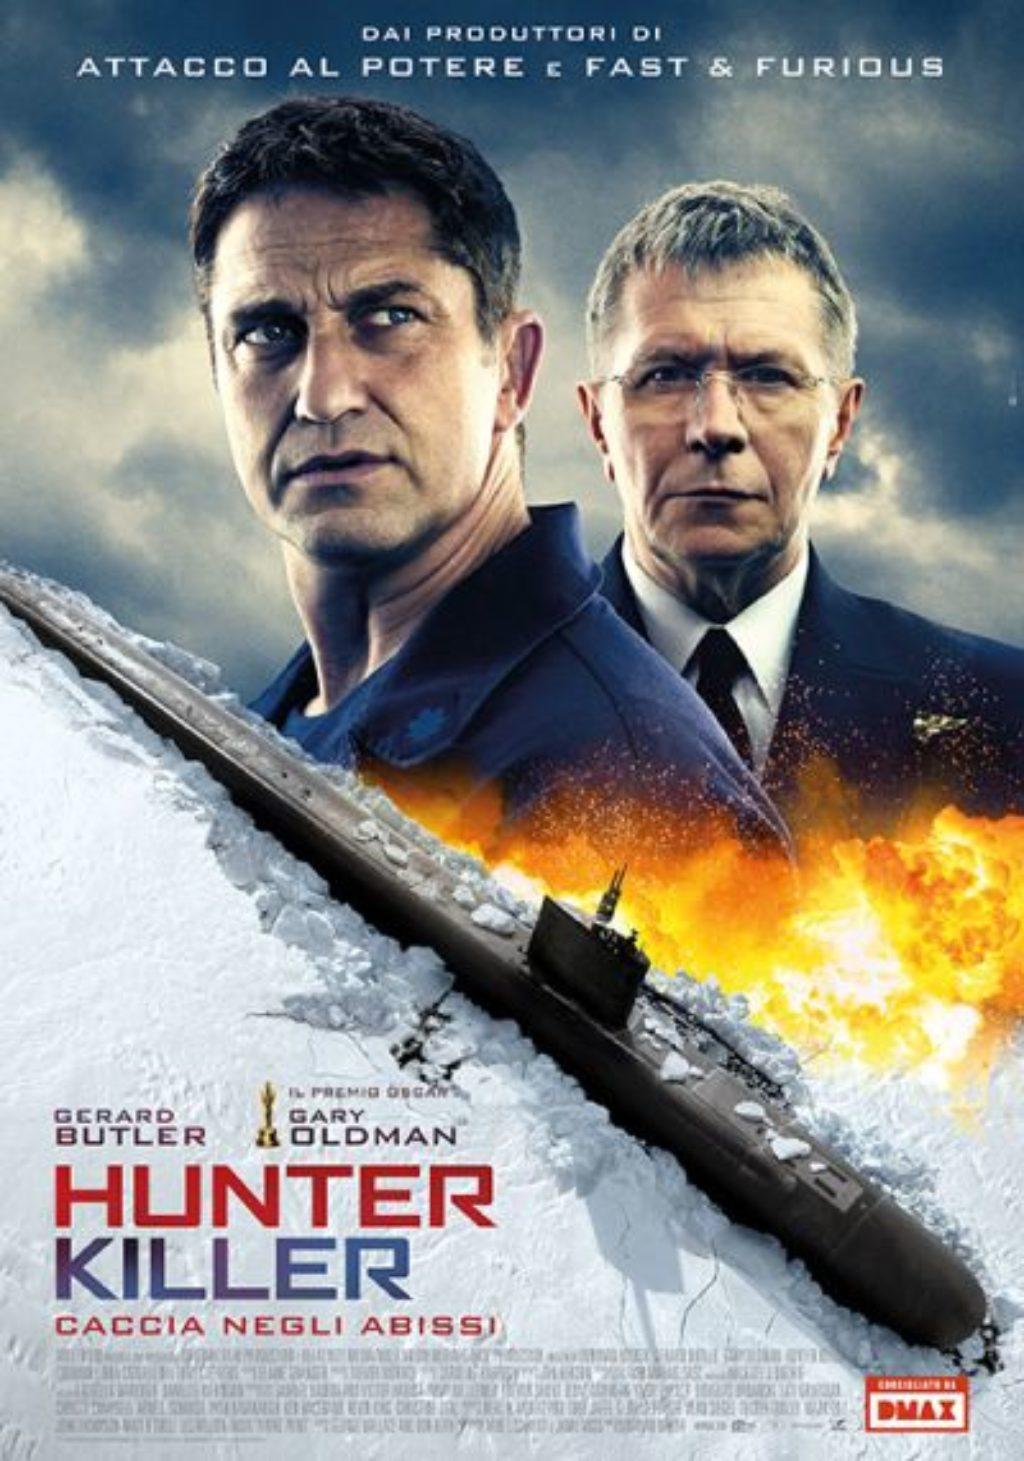 hunterkiller_big